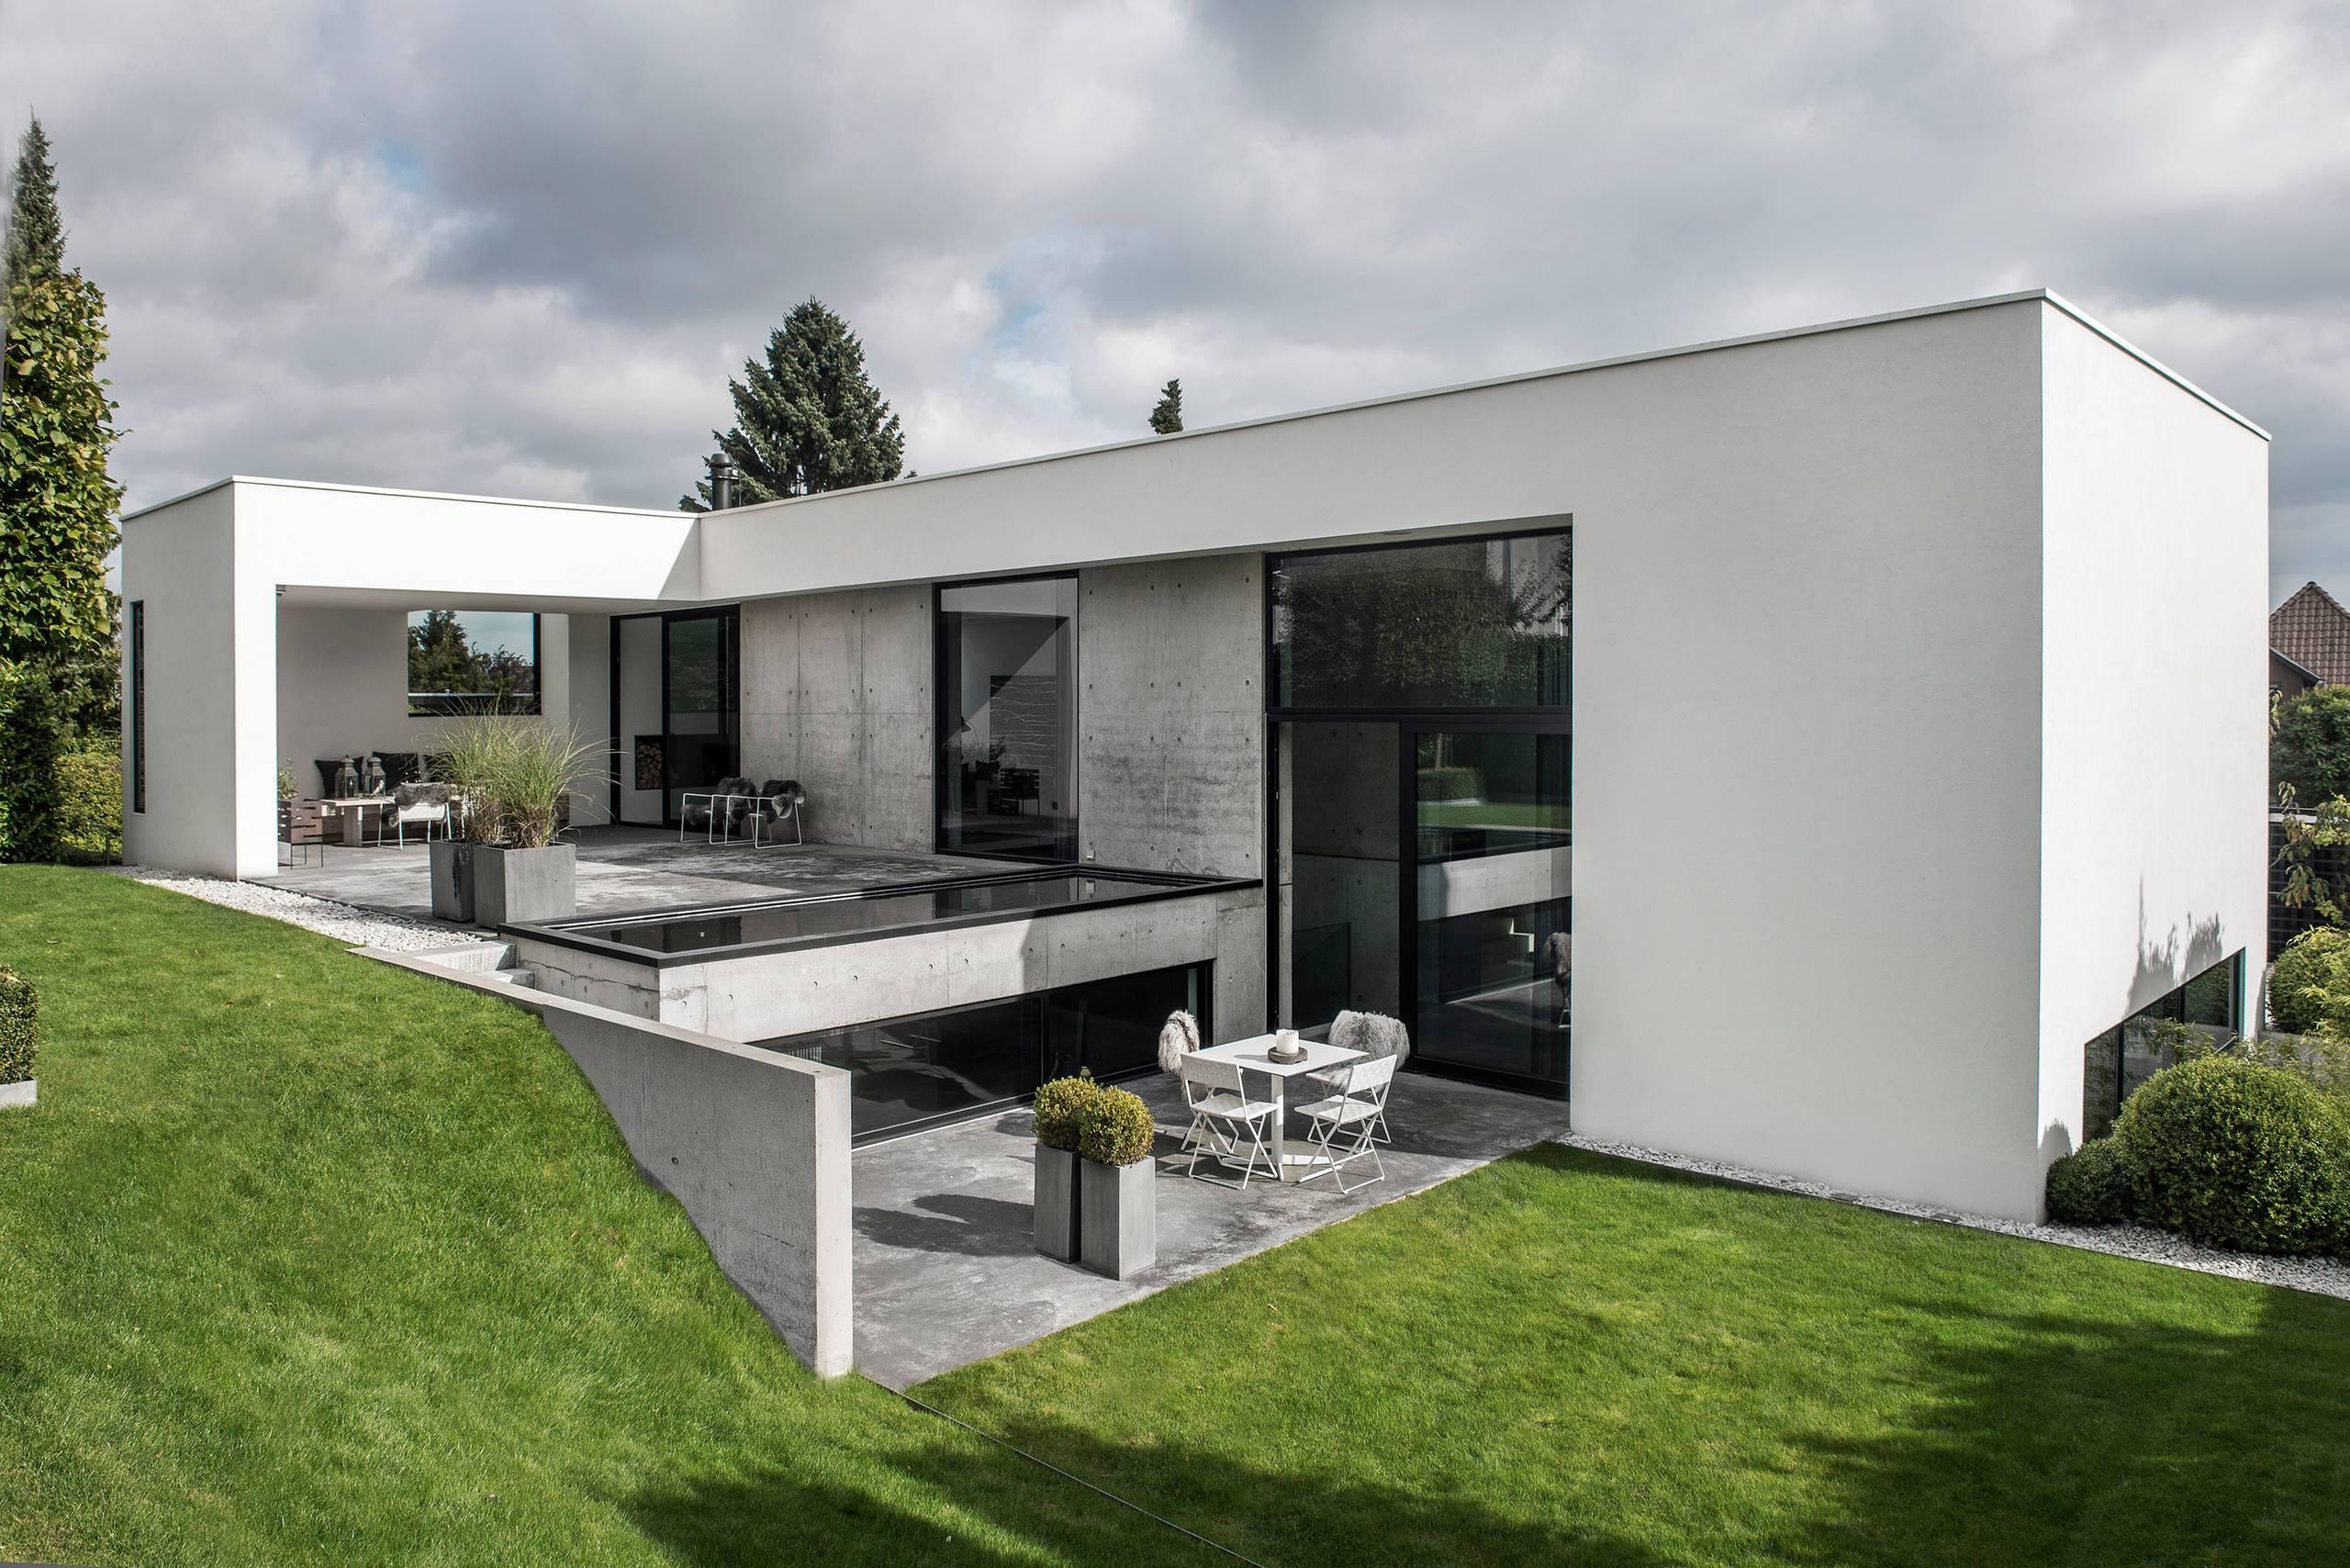 Stunning Modern Home Exterior Designs Make Statement